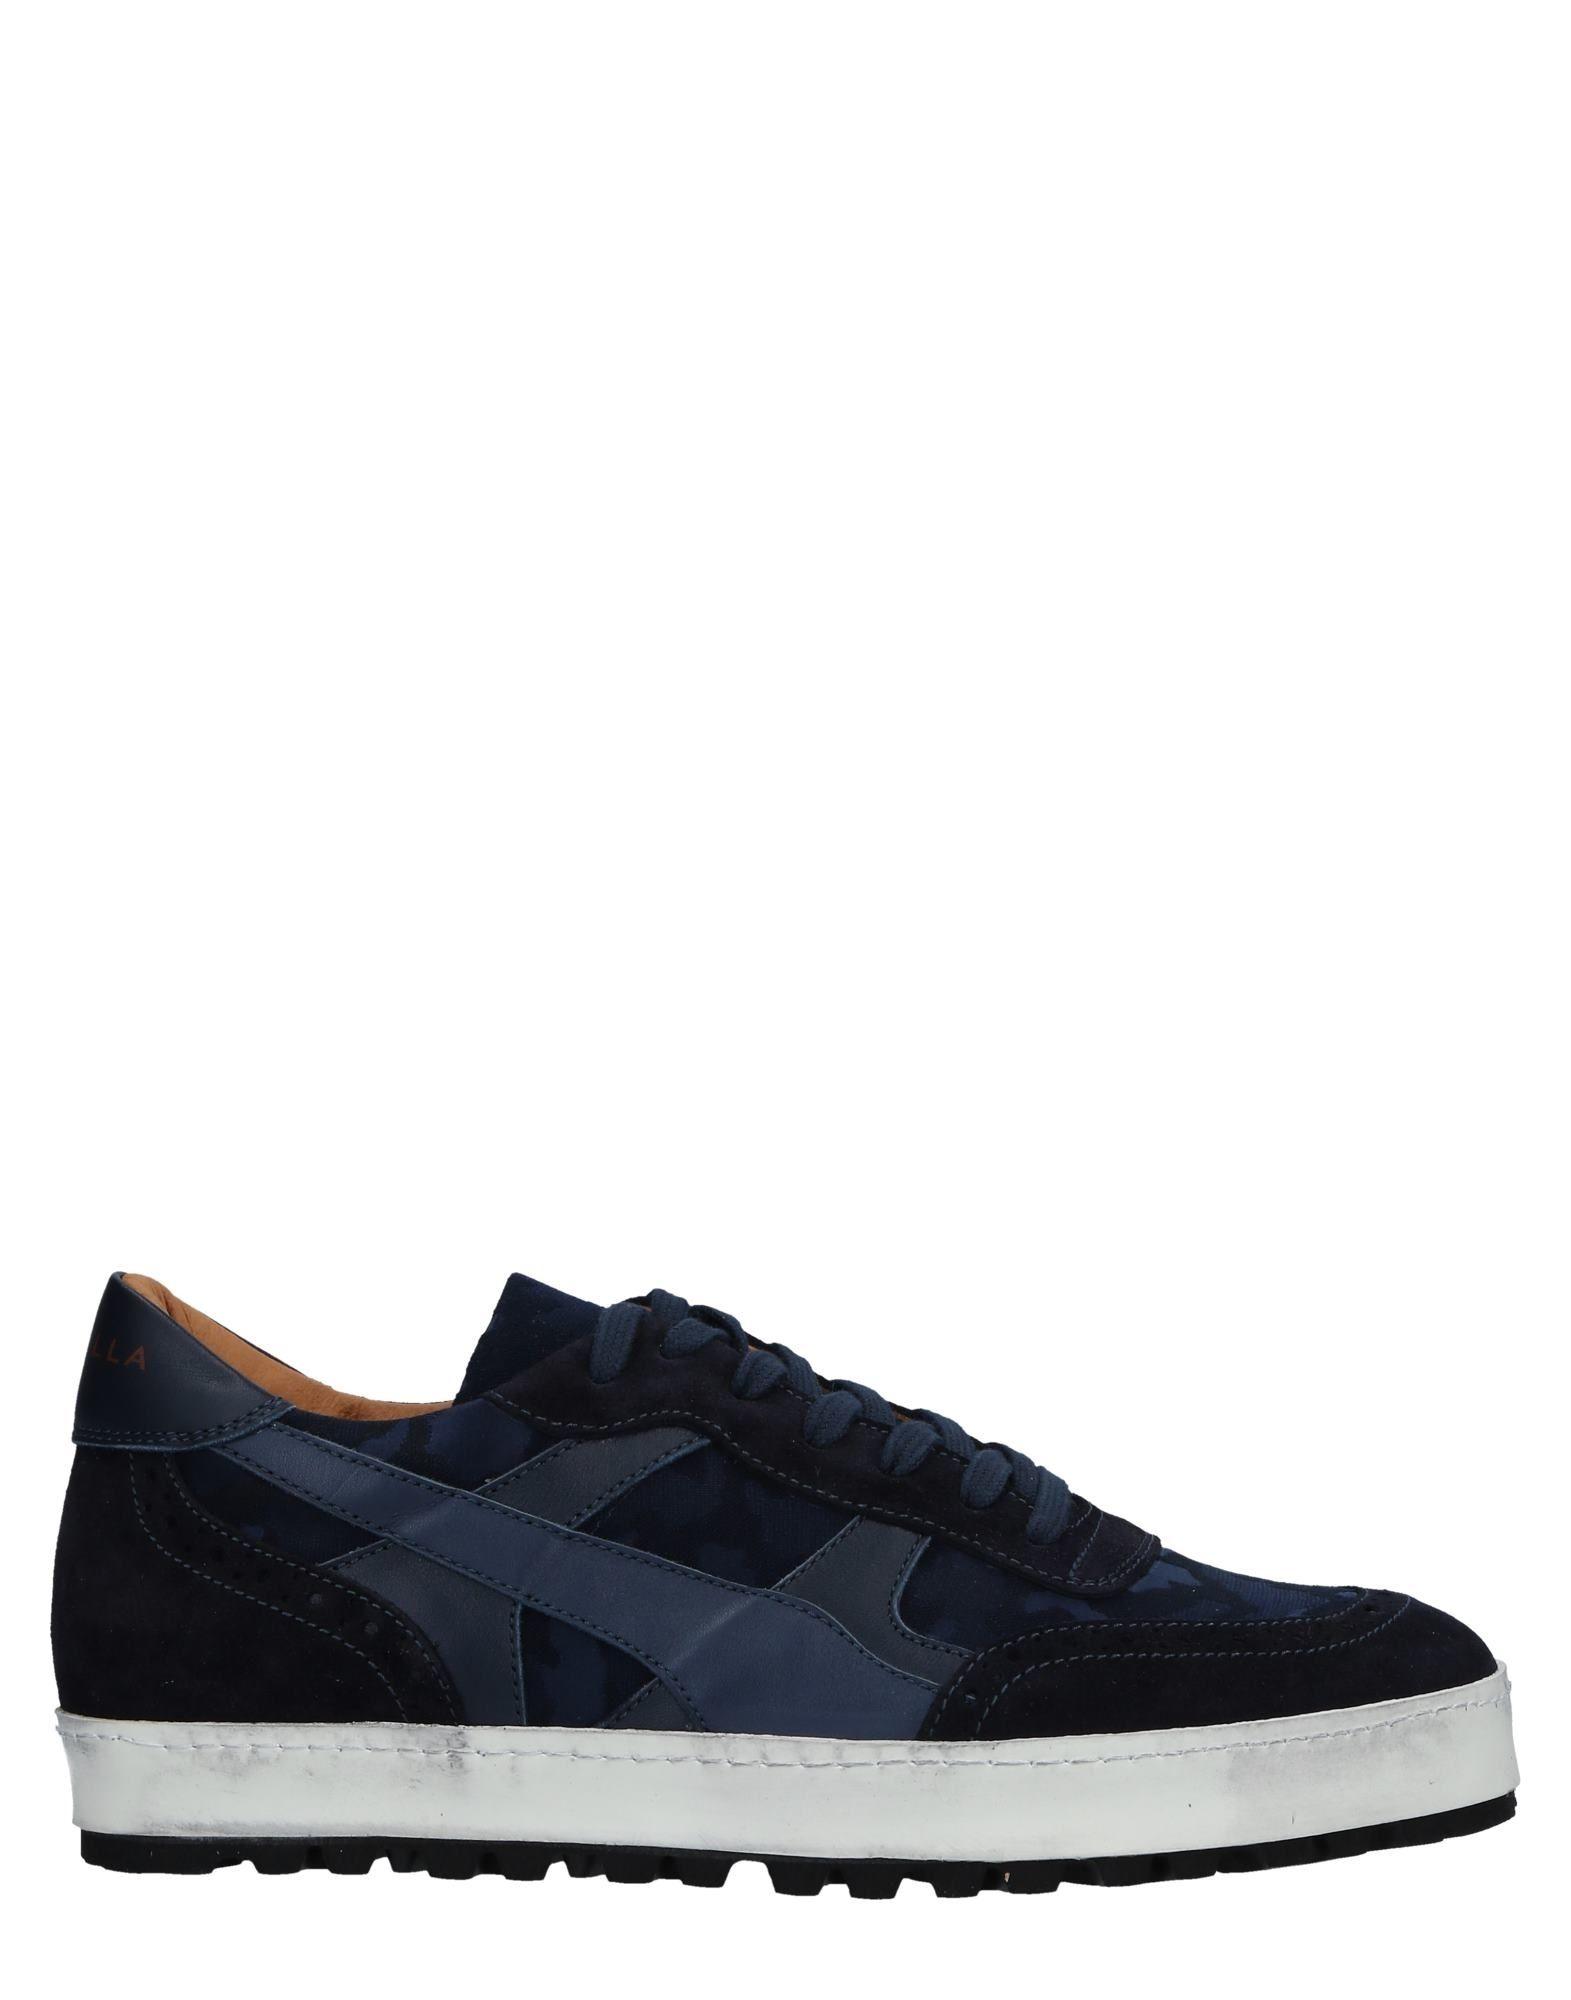 Rabatt echte Schuhe The Willa Sneakers Herren  11516660QX